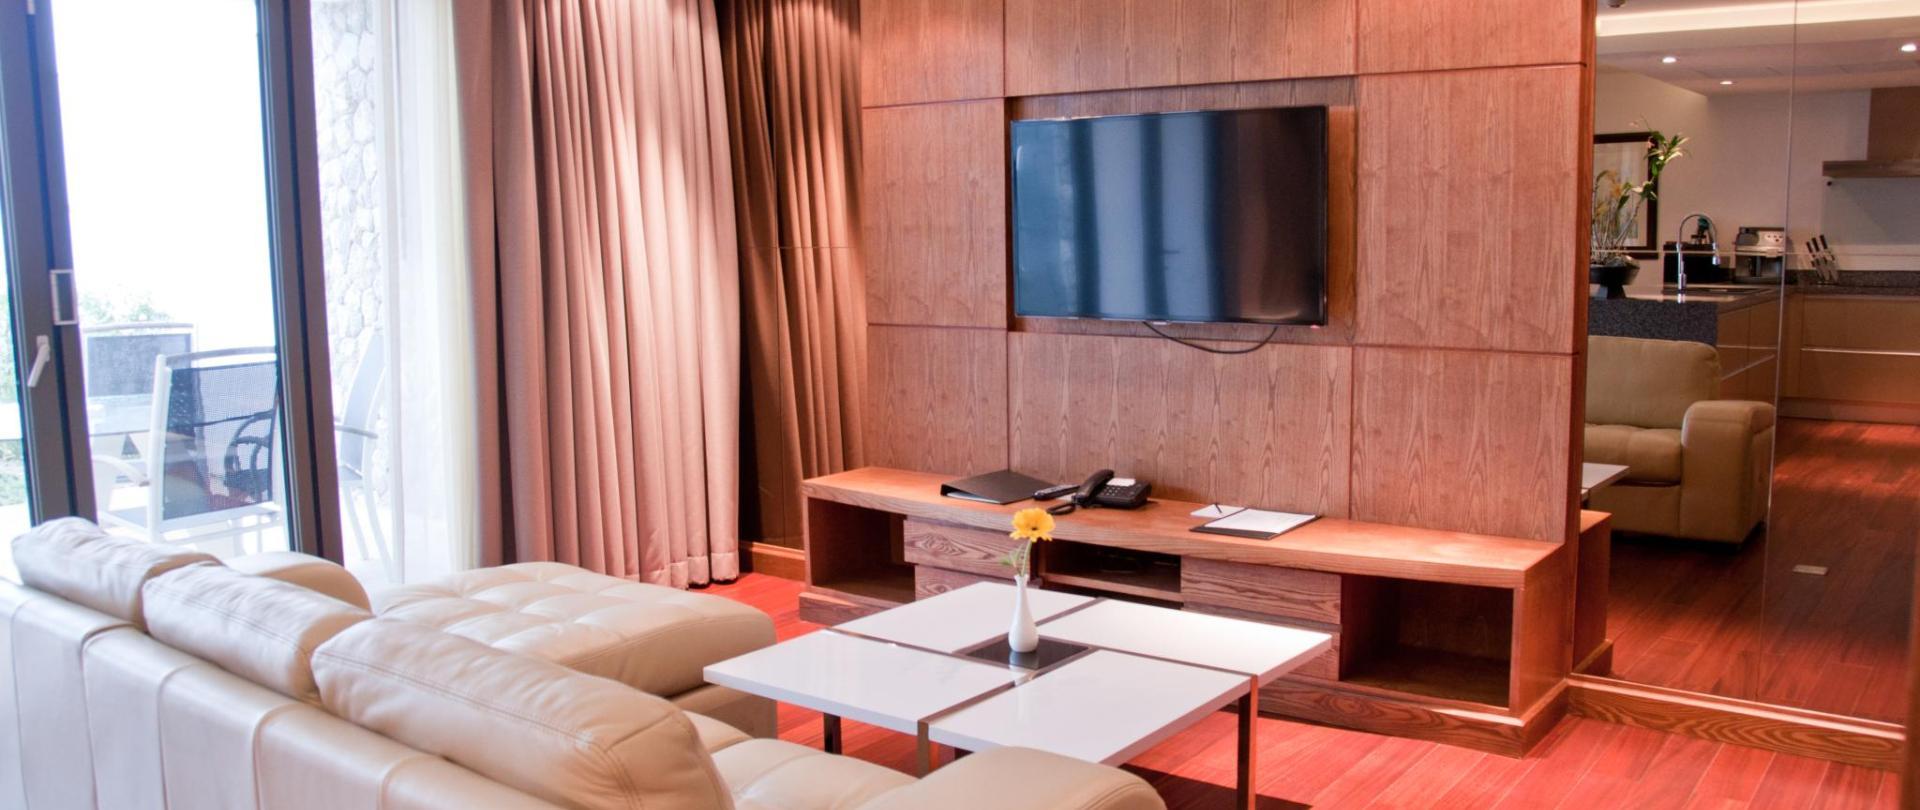 Beachfront_Livingroom_01.jpg